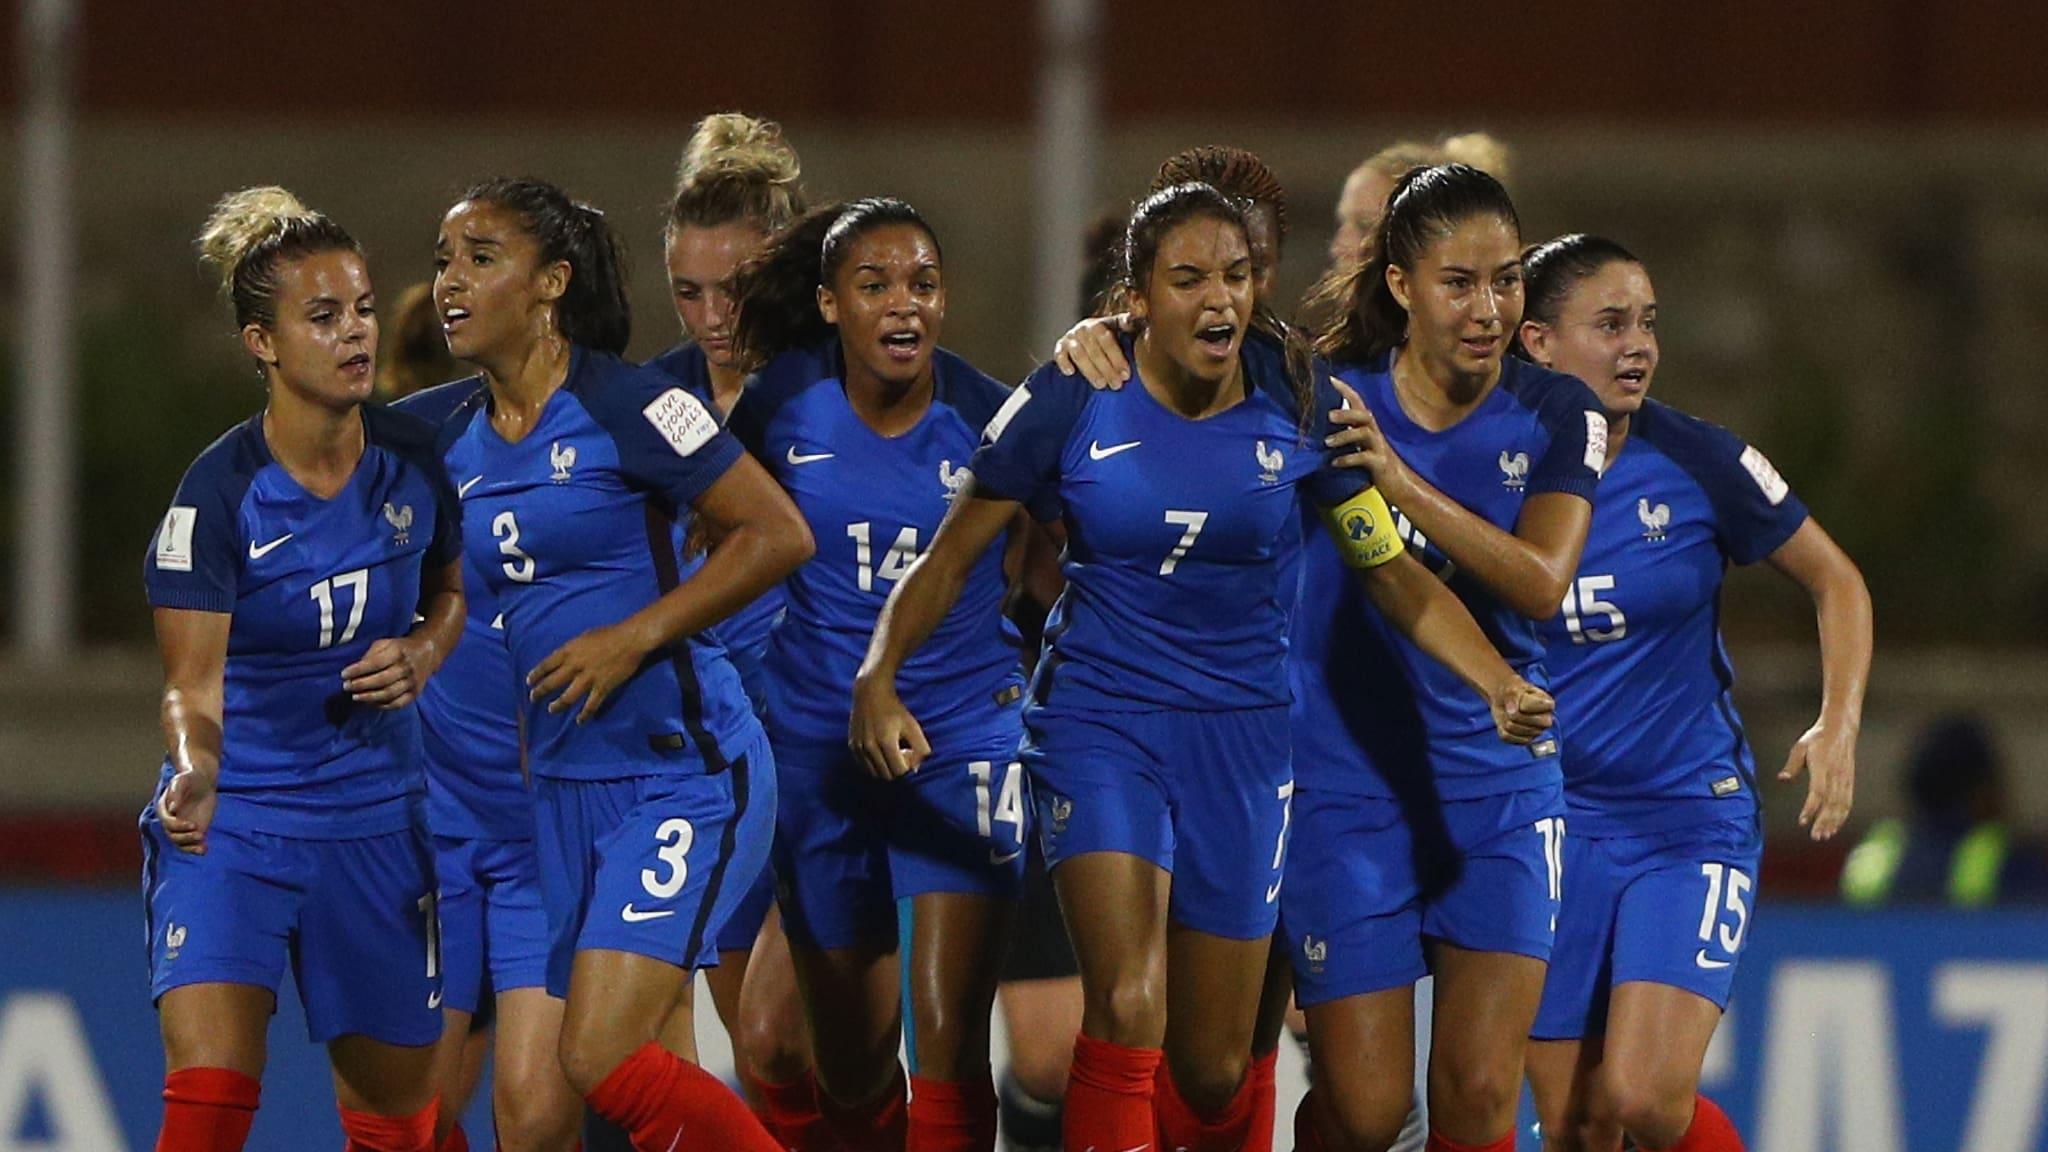 Հանրահայտ բրենդը՝ ֆուտբոլի կանանց Եվրո 2021-ի գլխավոր պաշտոնական գործընկեր